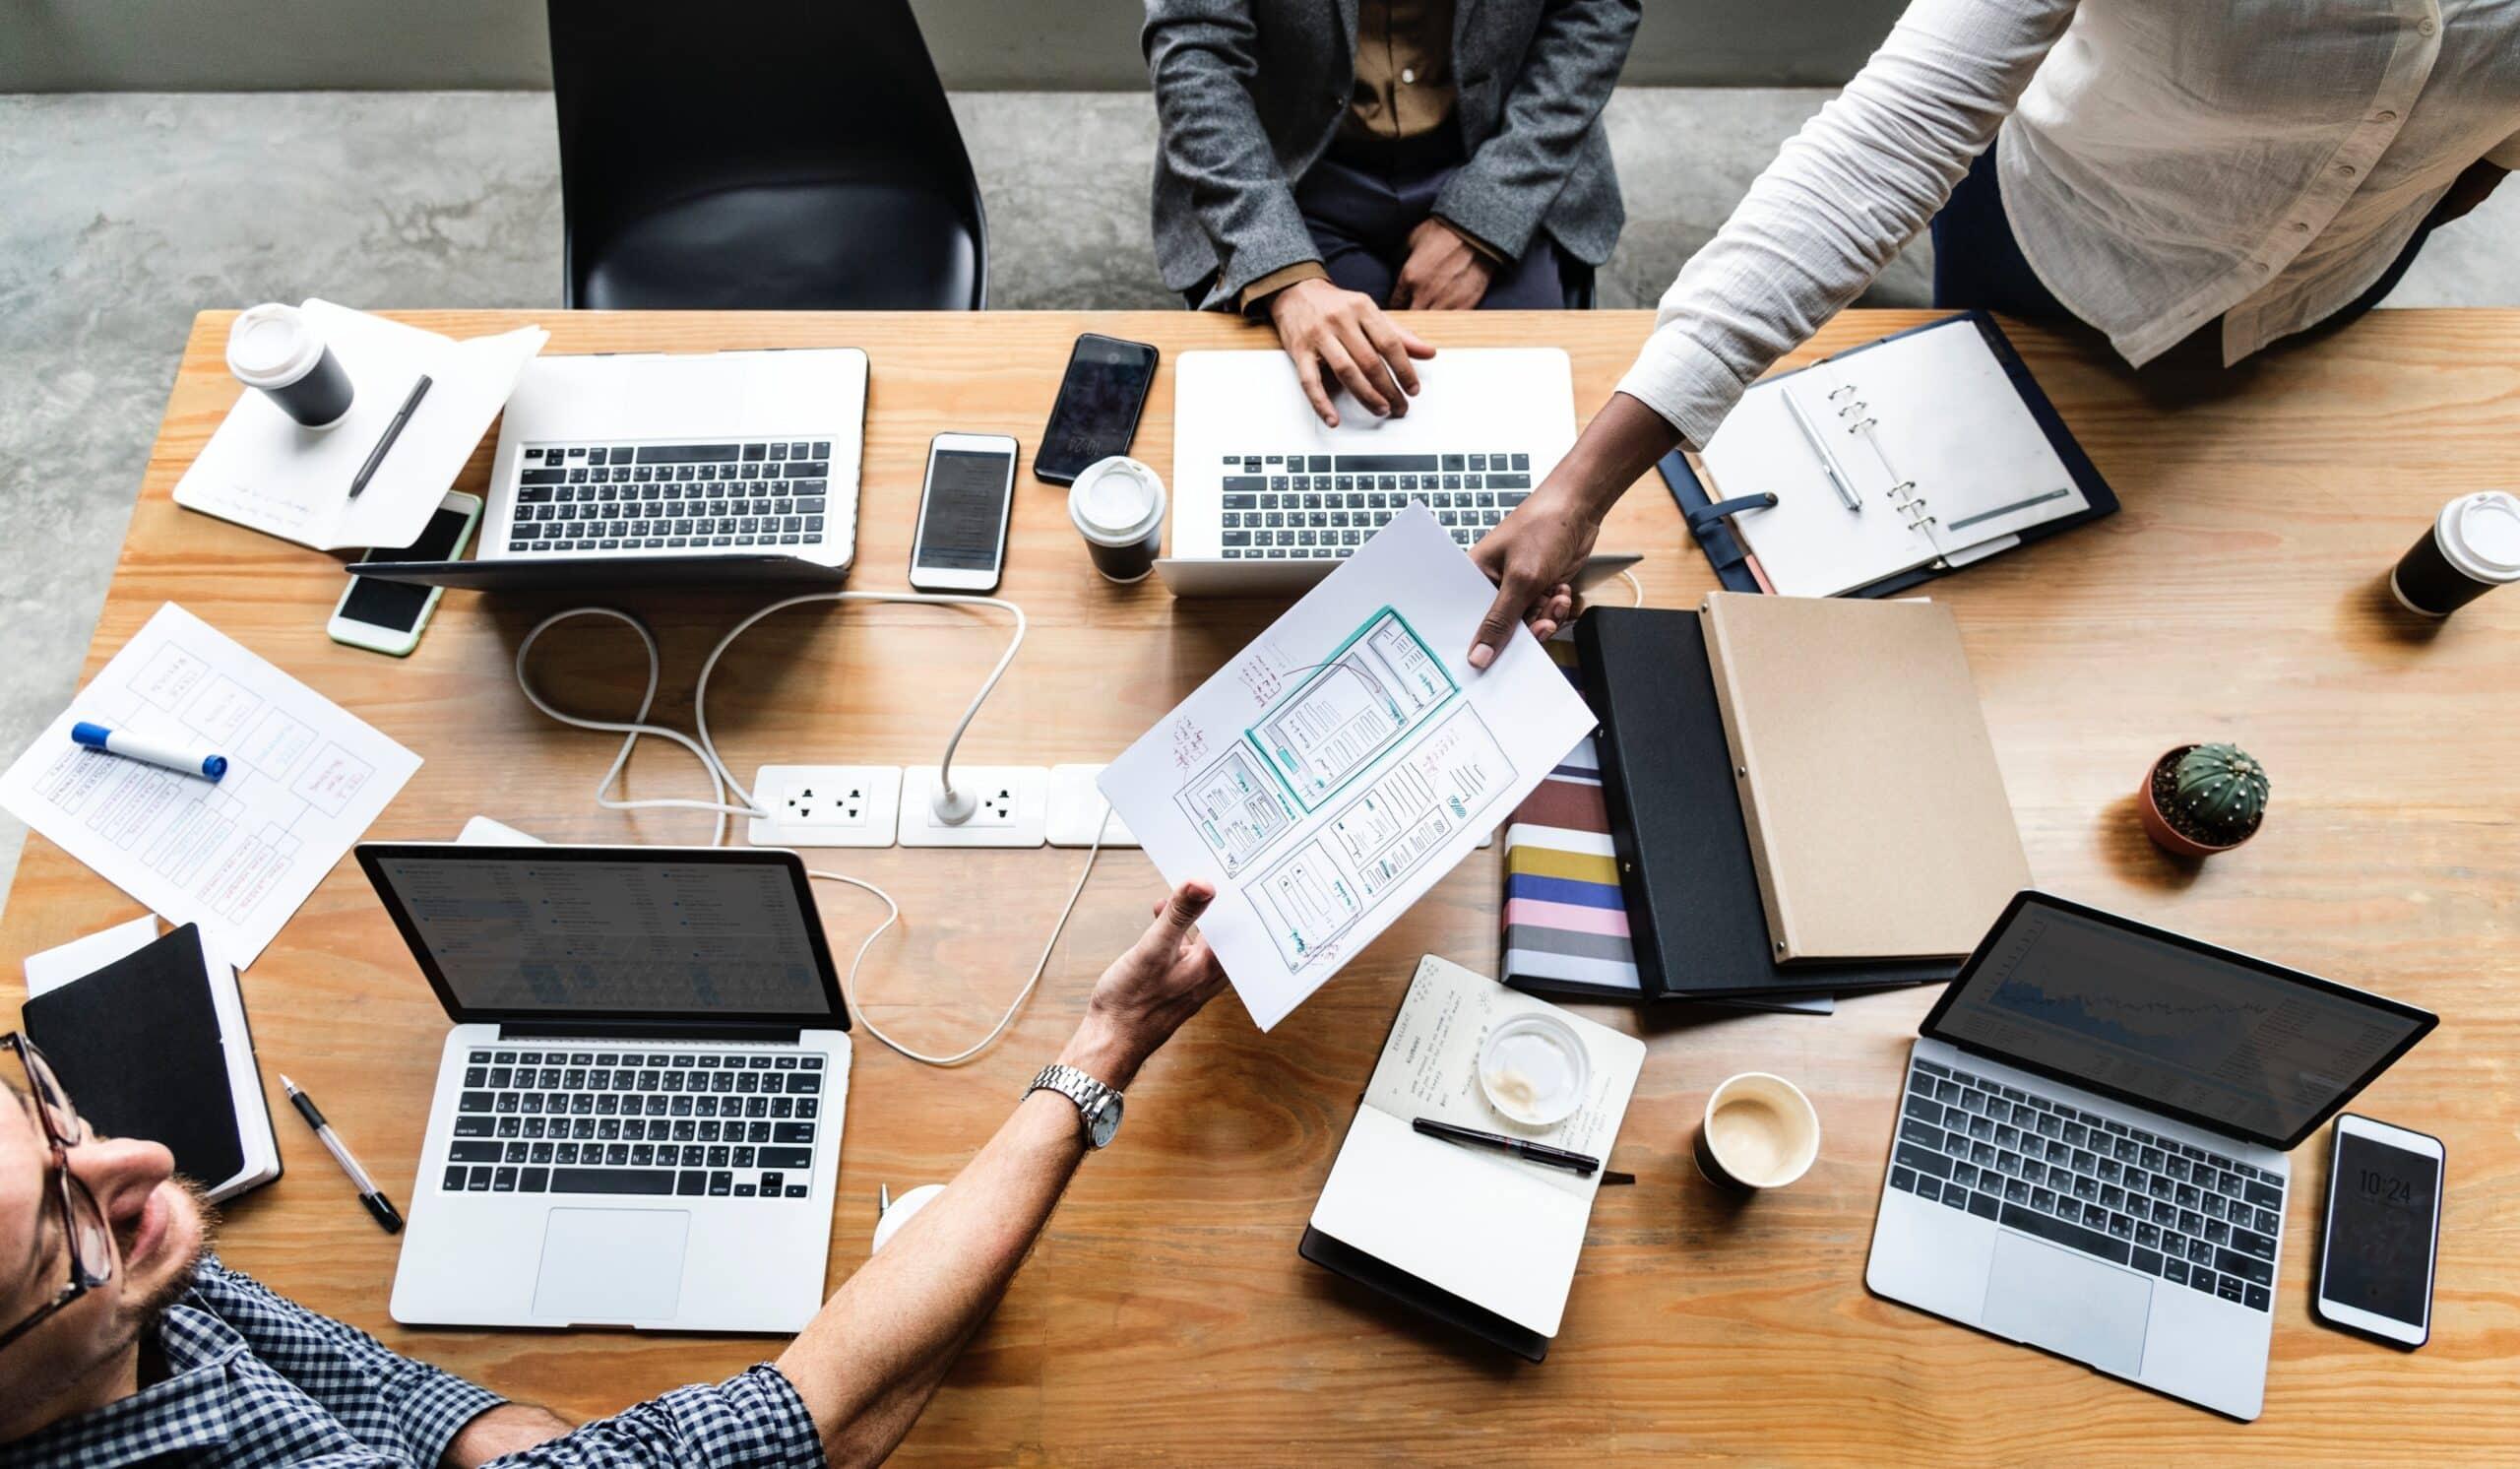 Stratégie de Contenu : Comment construire l'équipe idéale